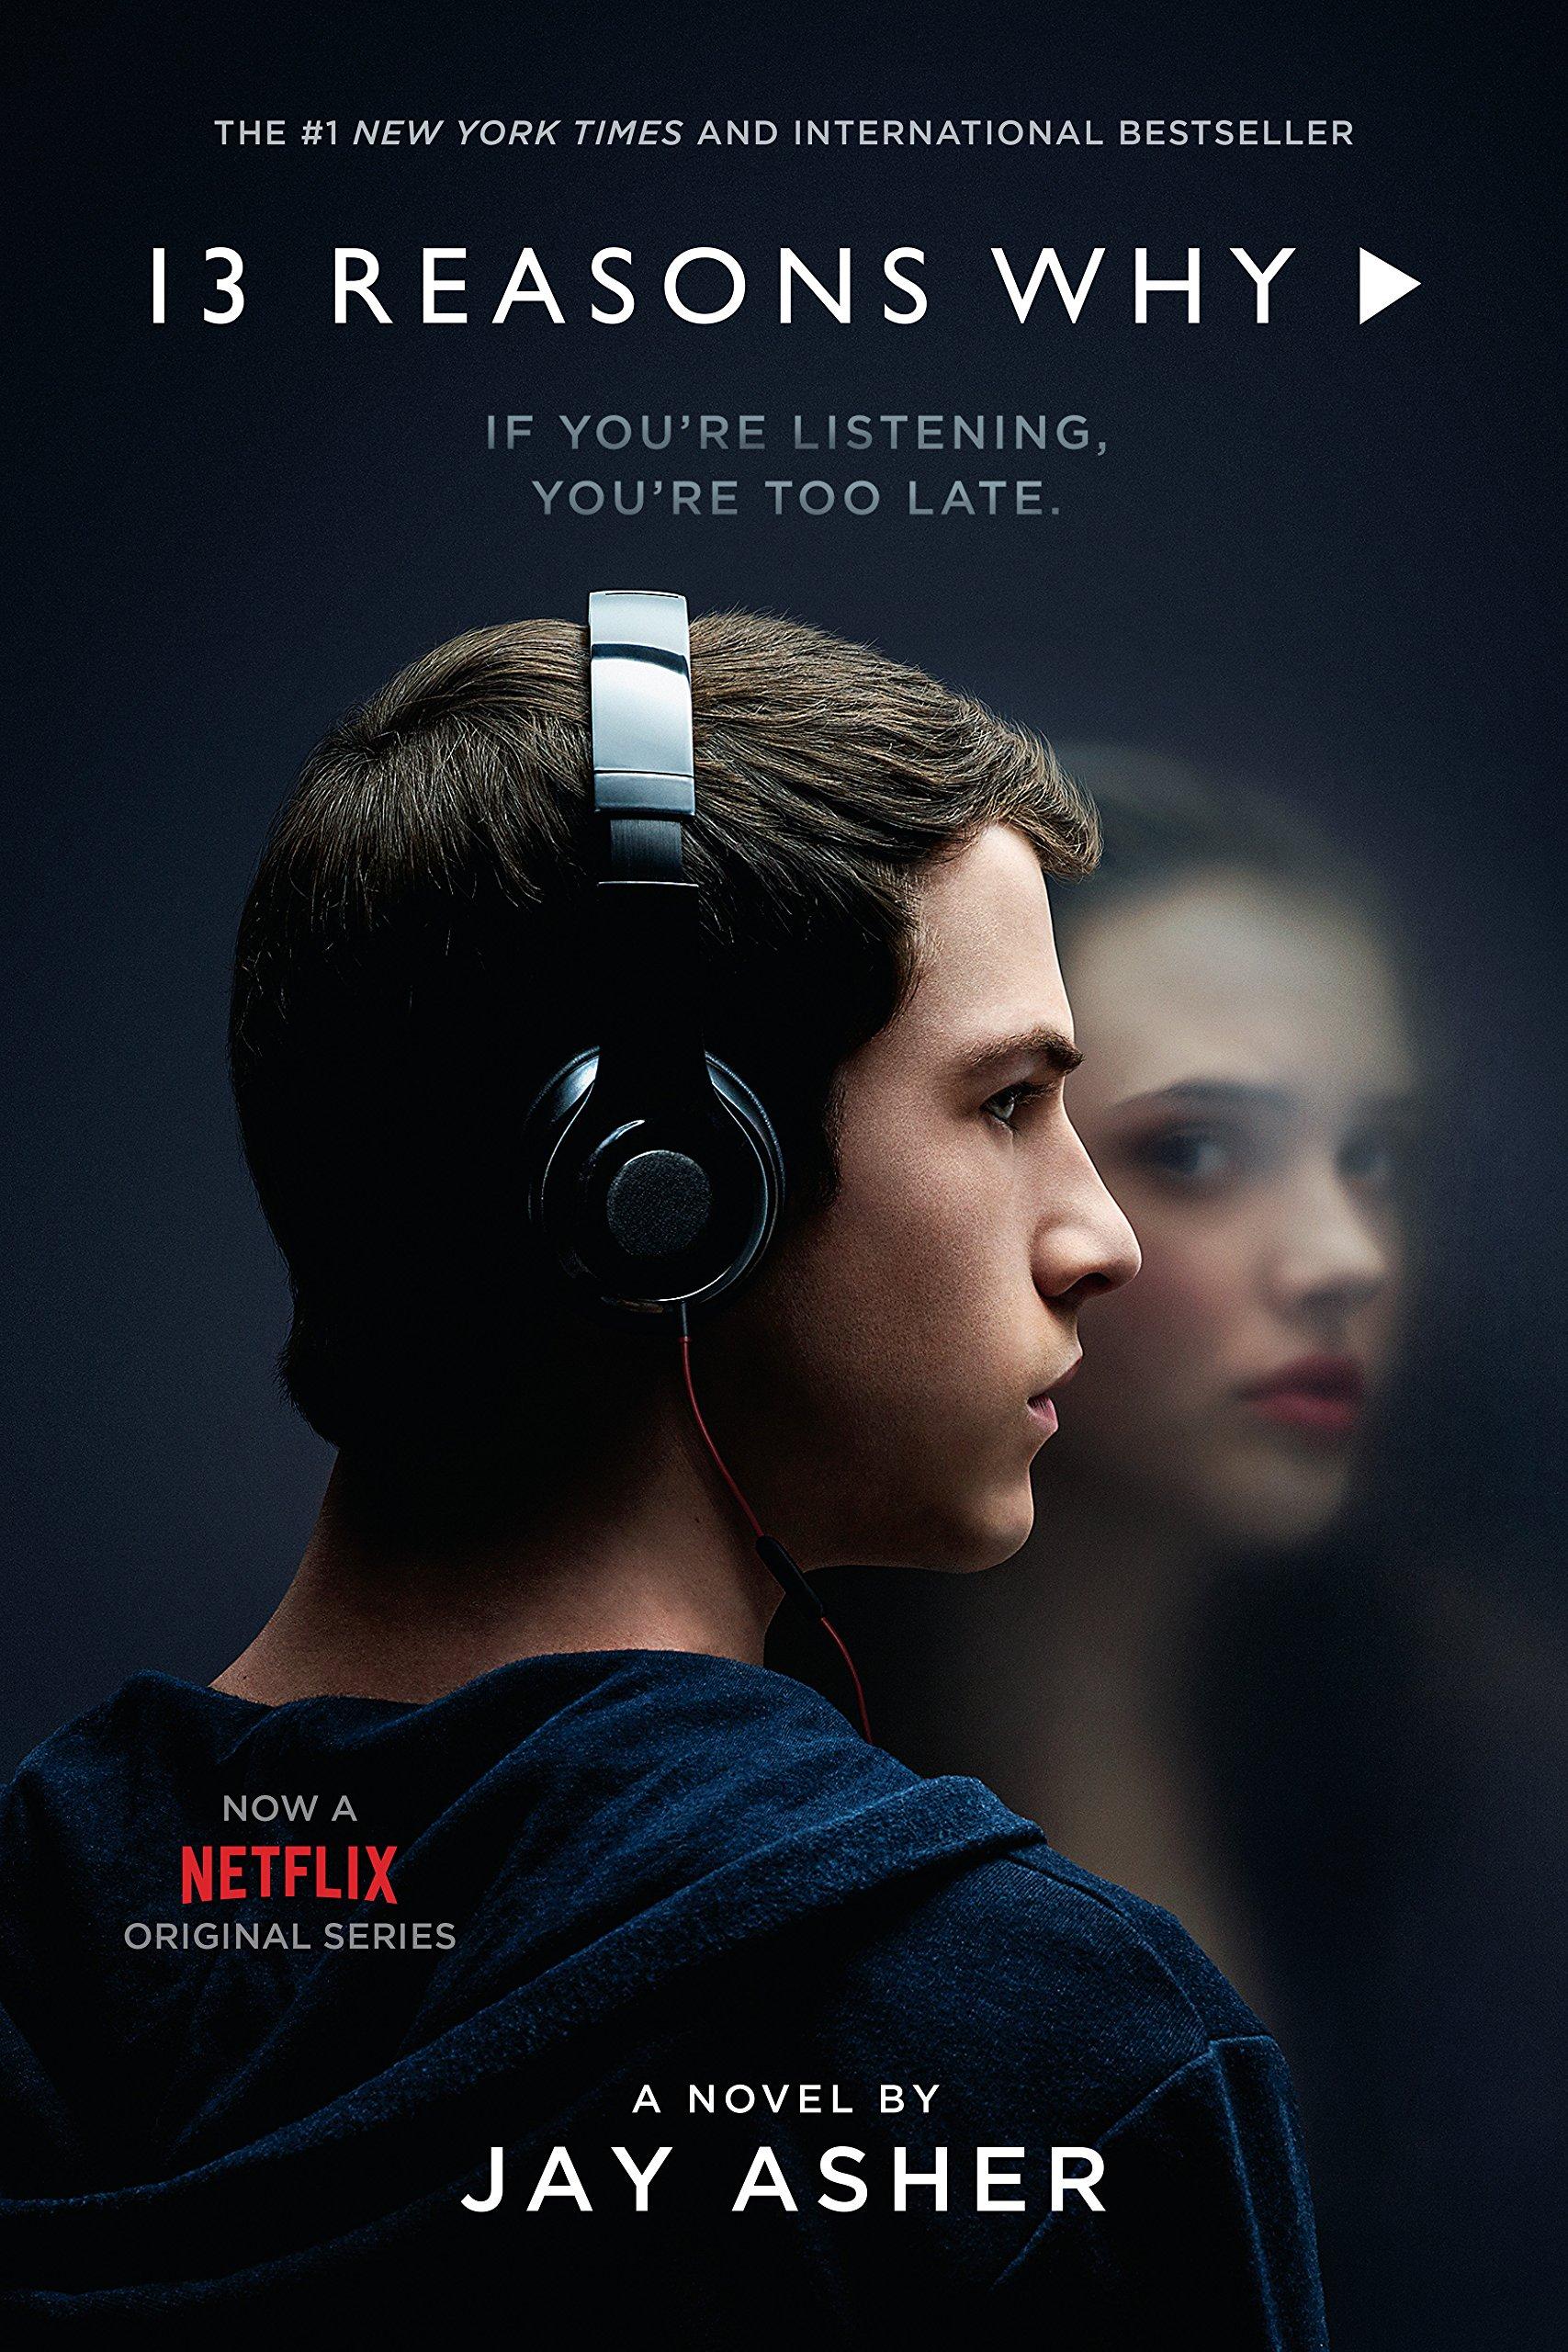 TV Show: Netflix